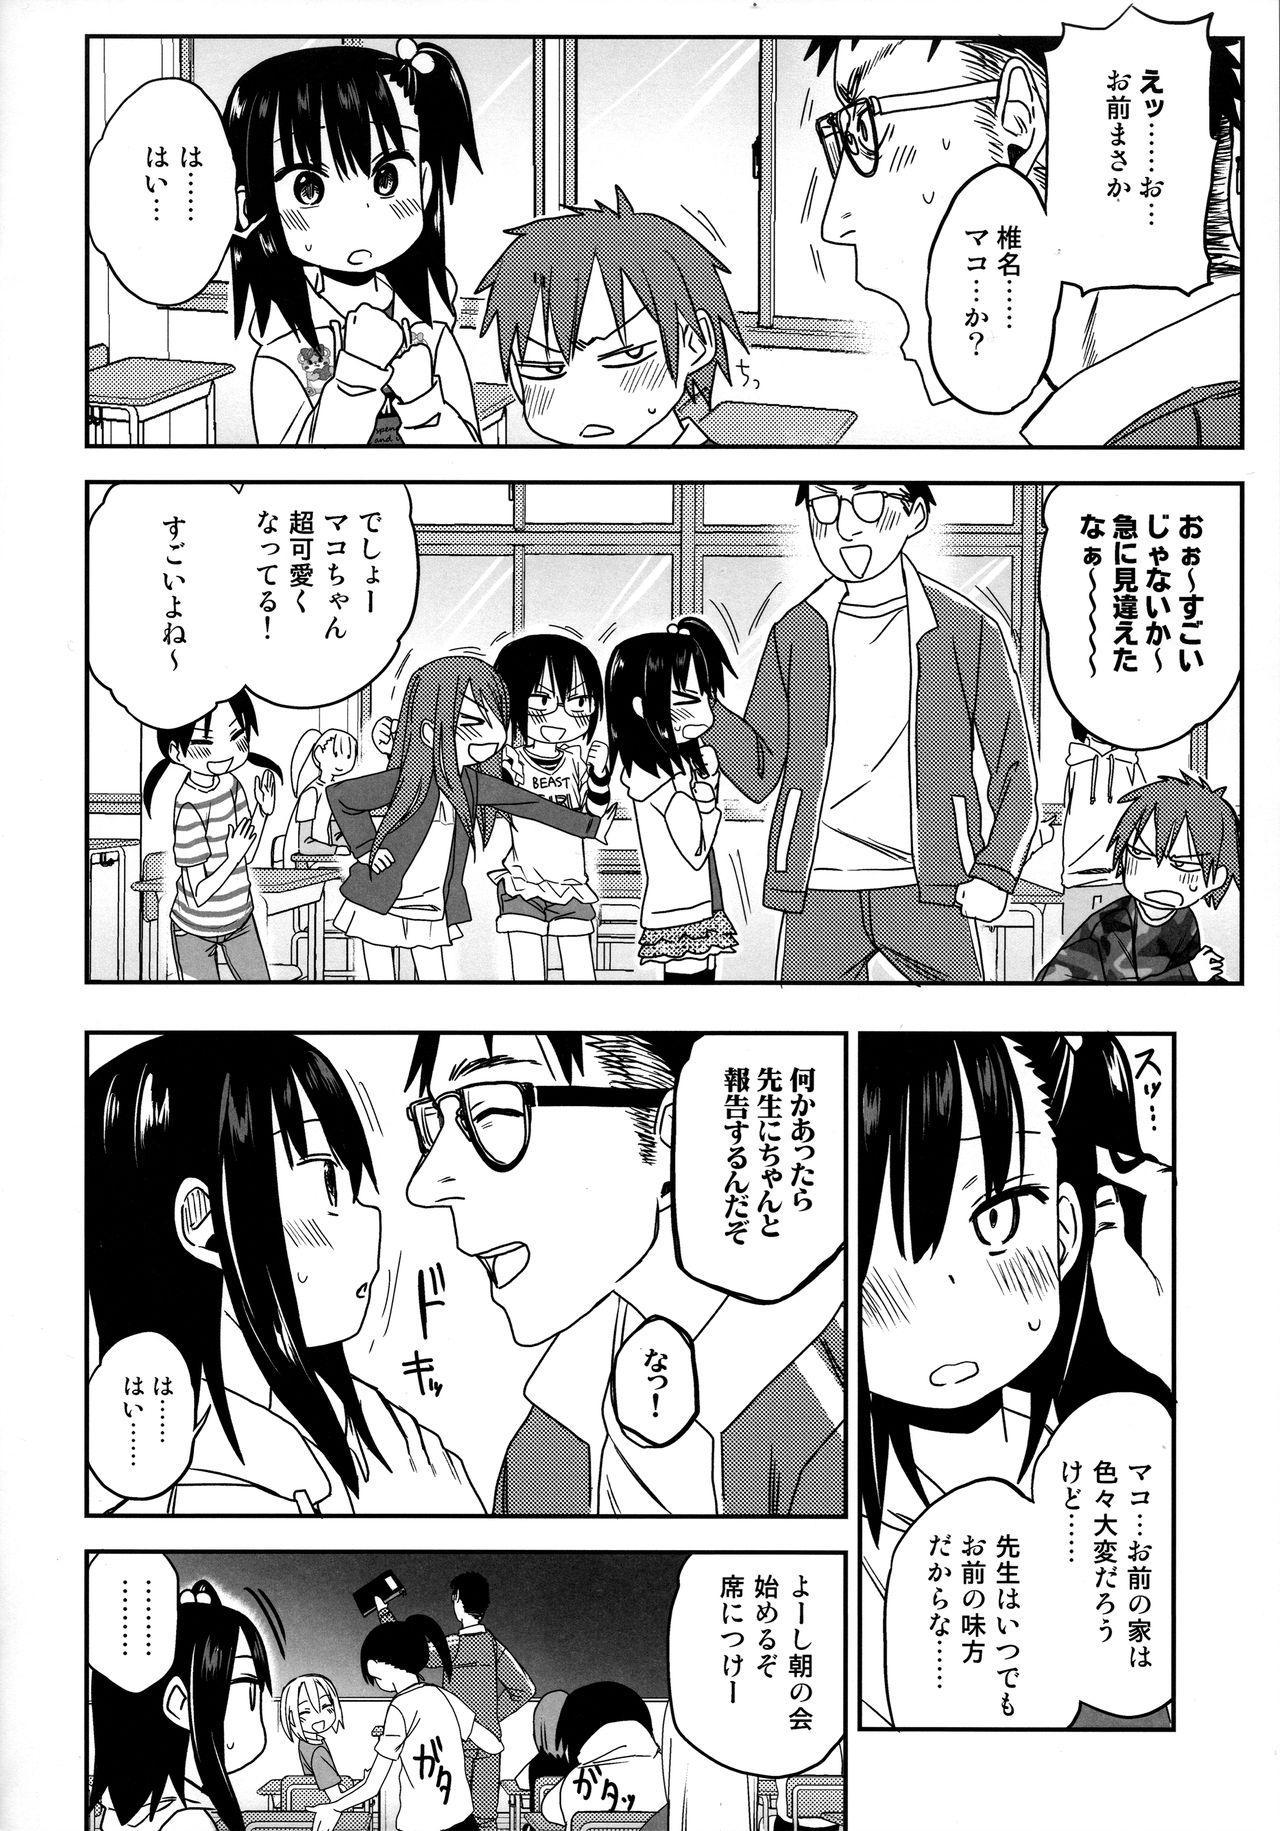 Tonari no Mako-chan Season 2 Vol. 1 13